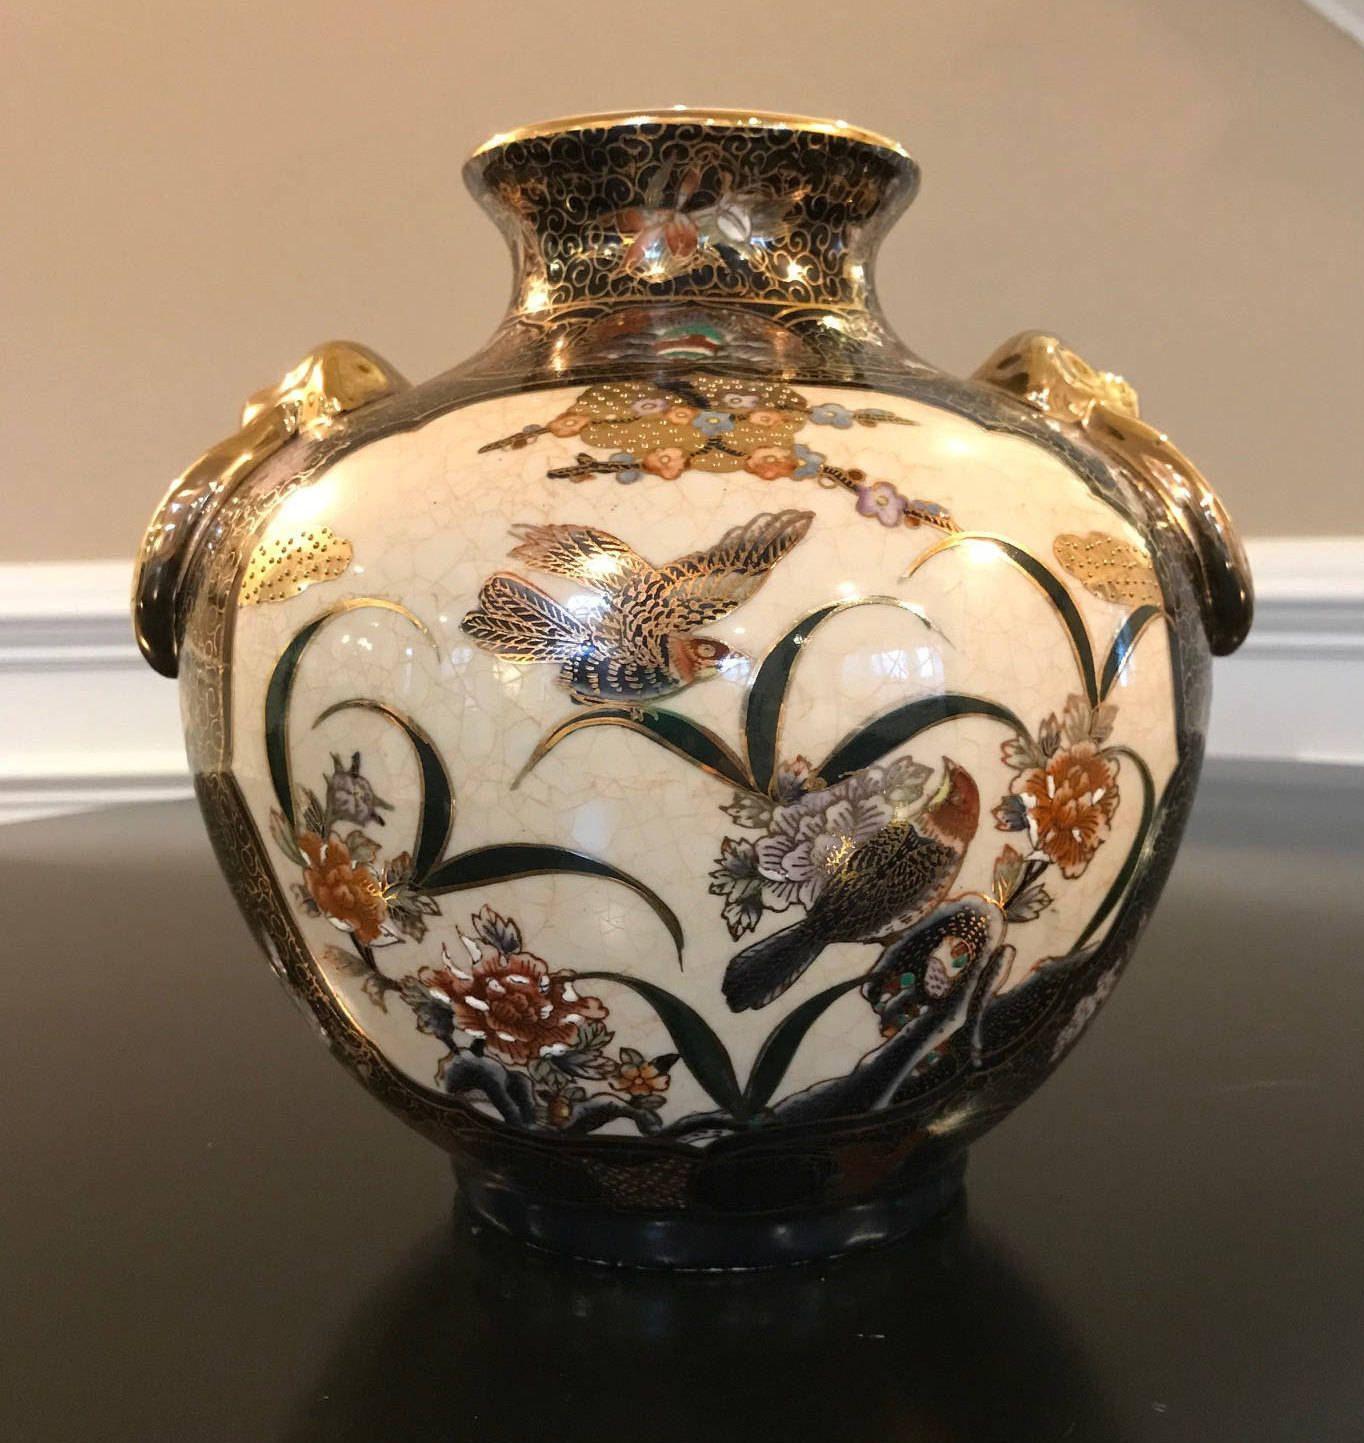 Antique nippon morimura black cream and gold hand painted vase antique nippon morimura black cream and gold hand painted vase with handles japan reviewsmspy